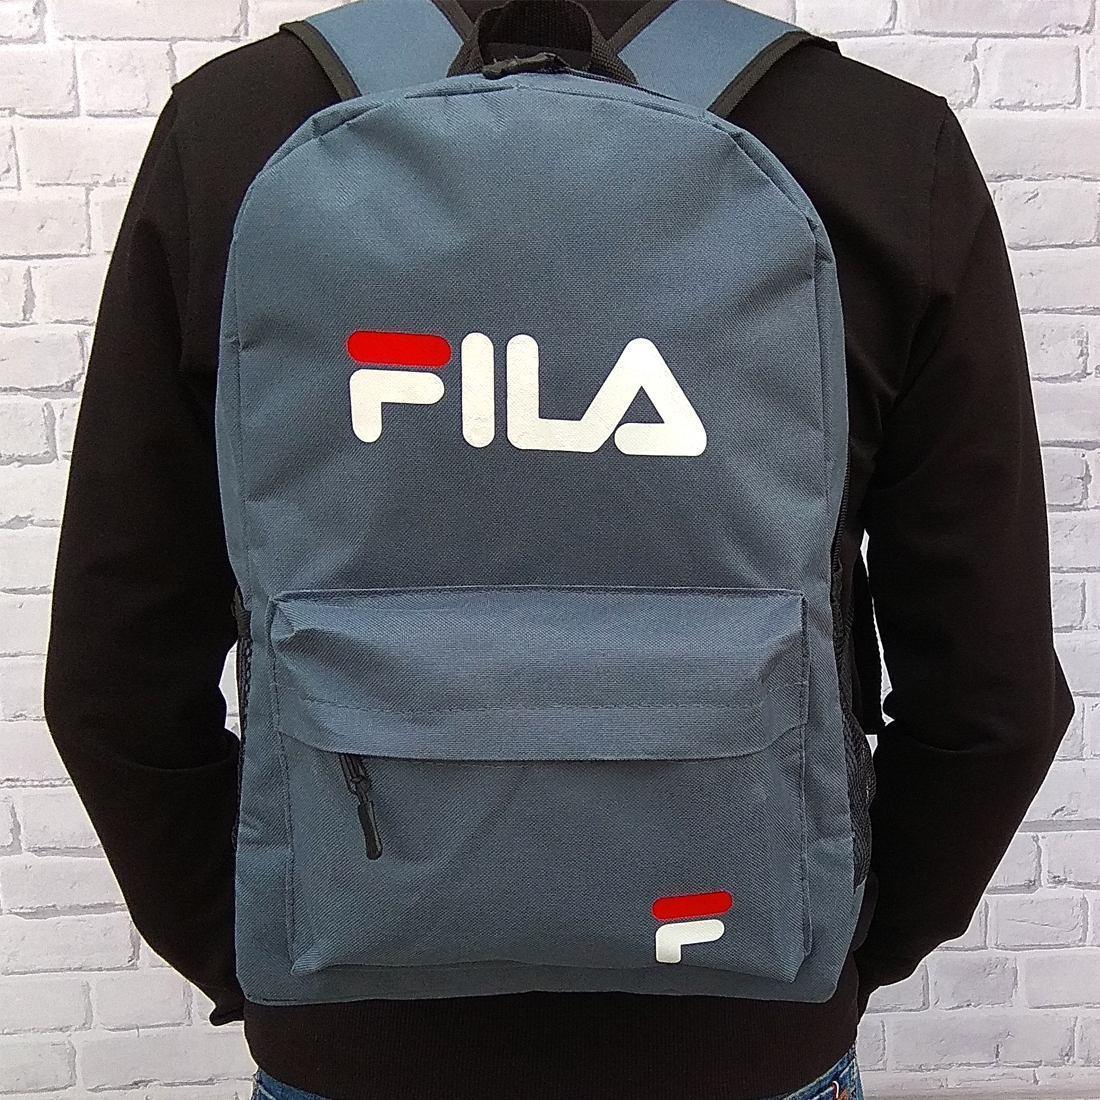 Качественный Рюкзак, портфель с накаткой FILA, фила. Серый / F03